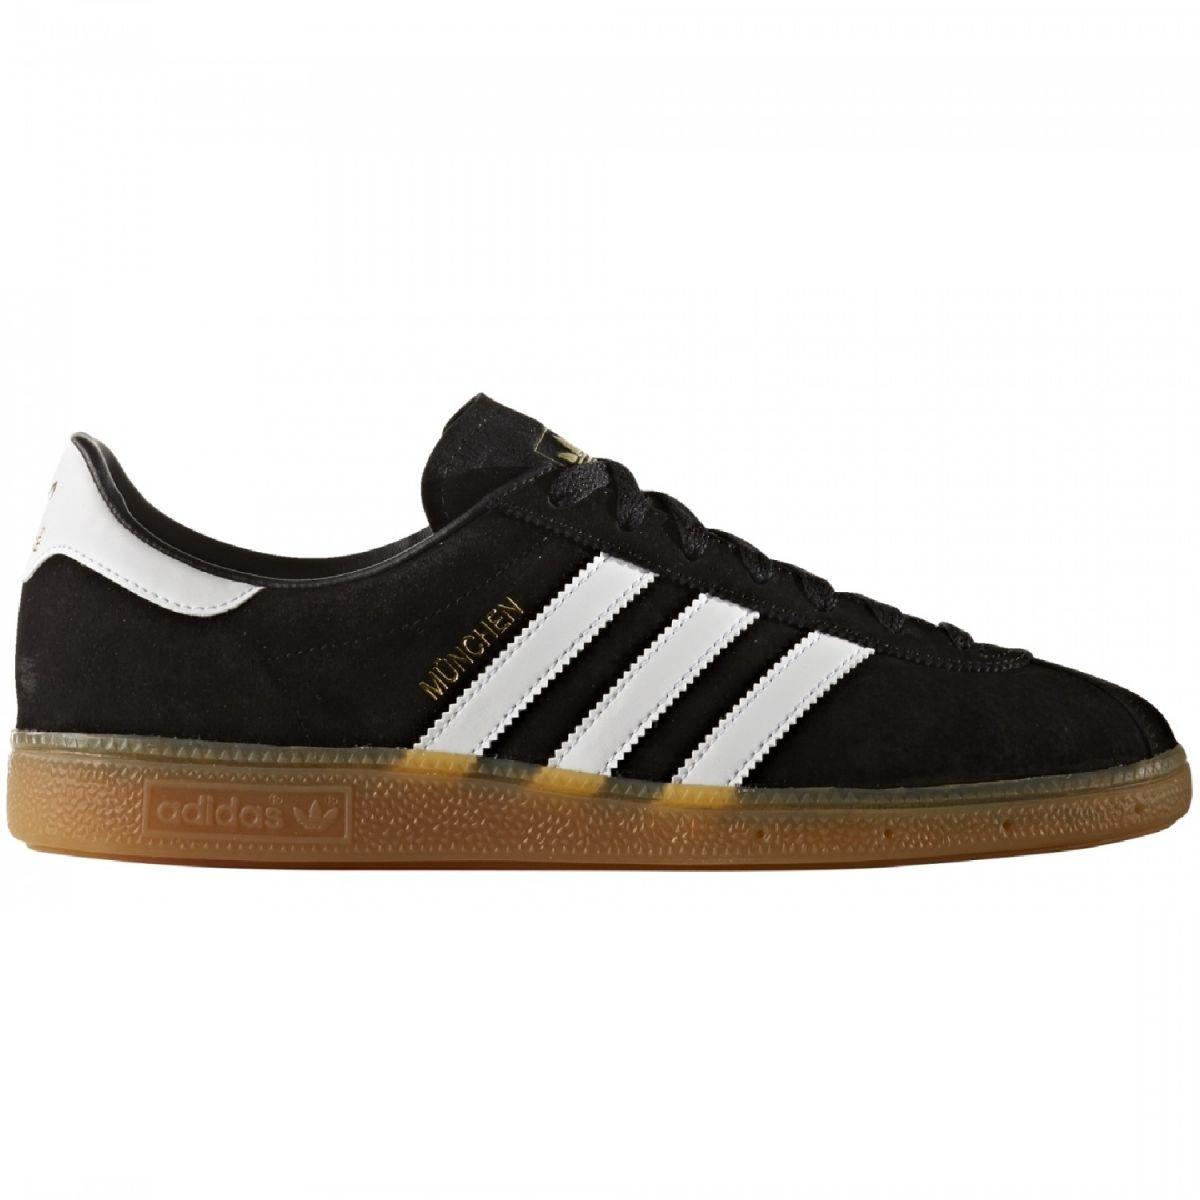 adidas Originals München Sneaker Herren Schuhe schwarz weiß